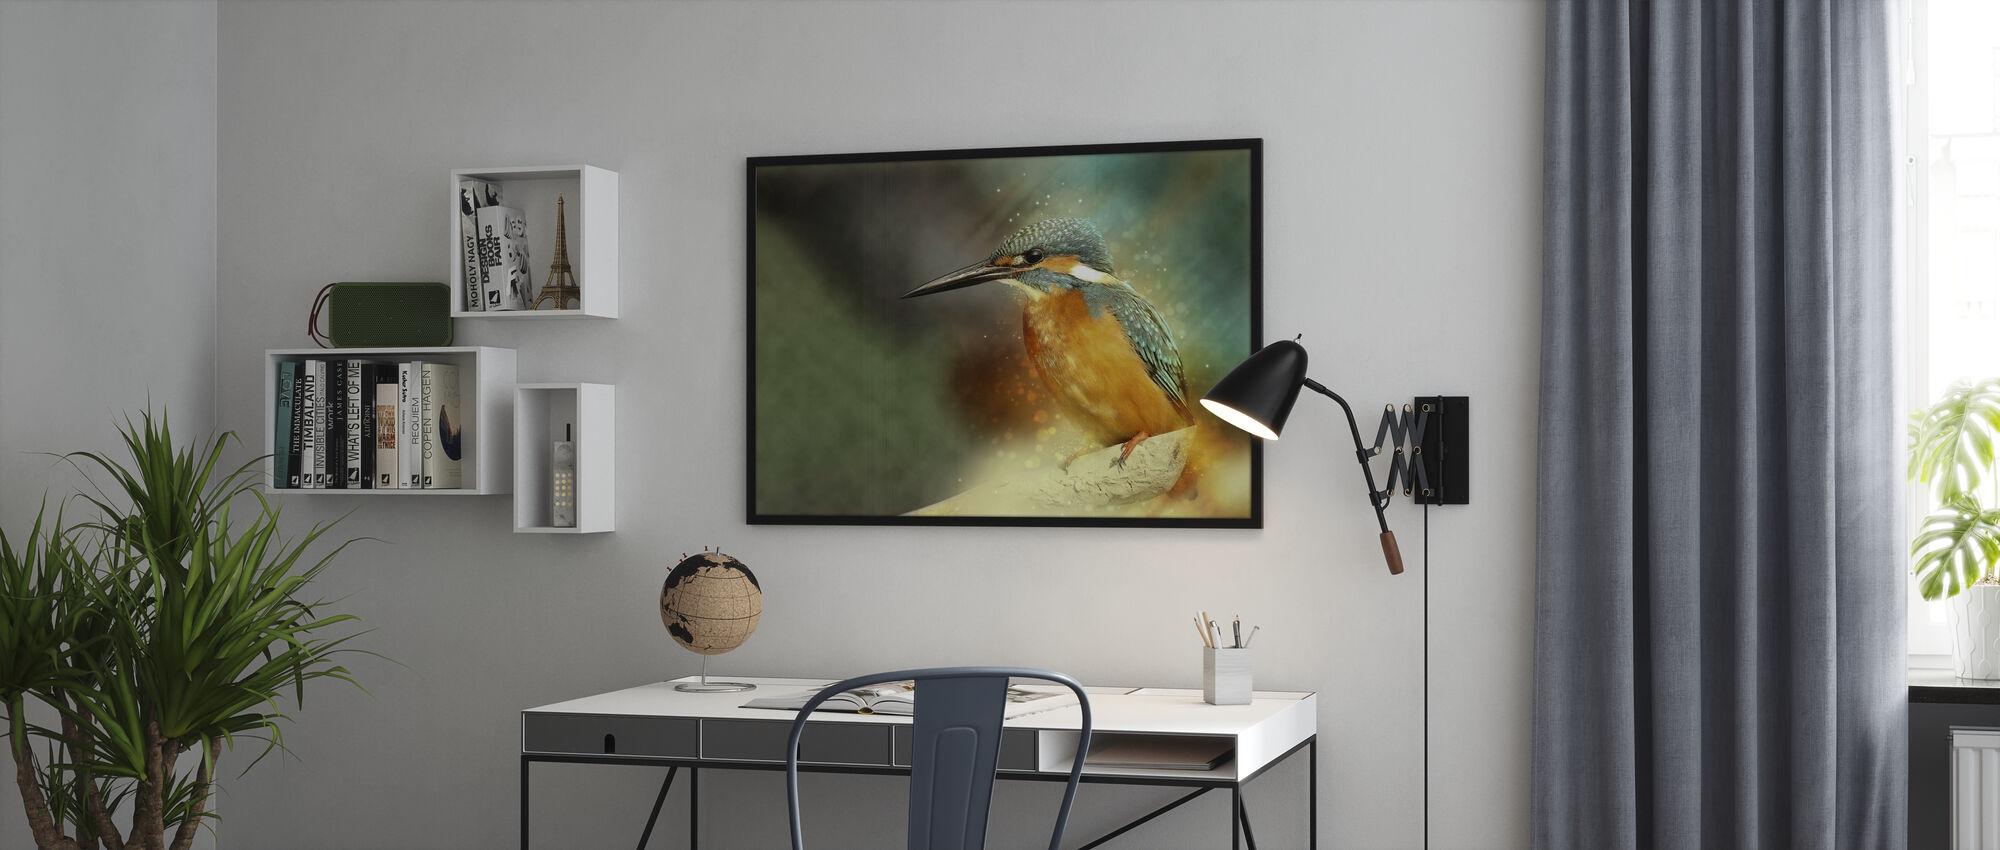 Kingfisher - Kehystetty kuva - Toimisto